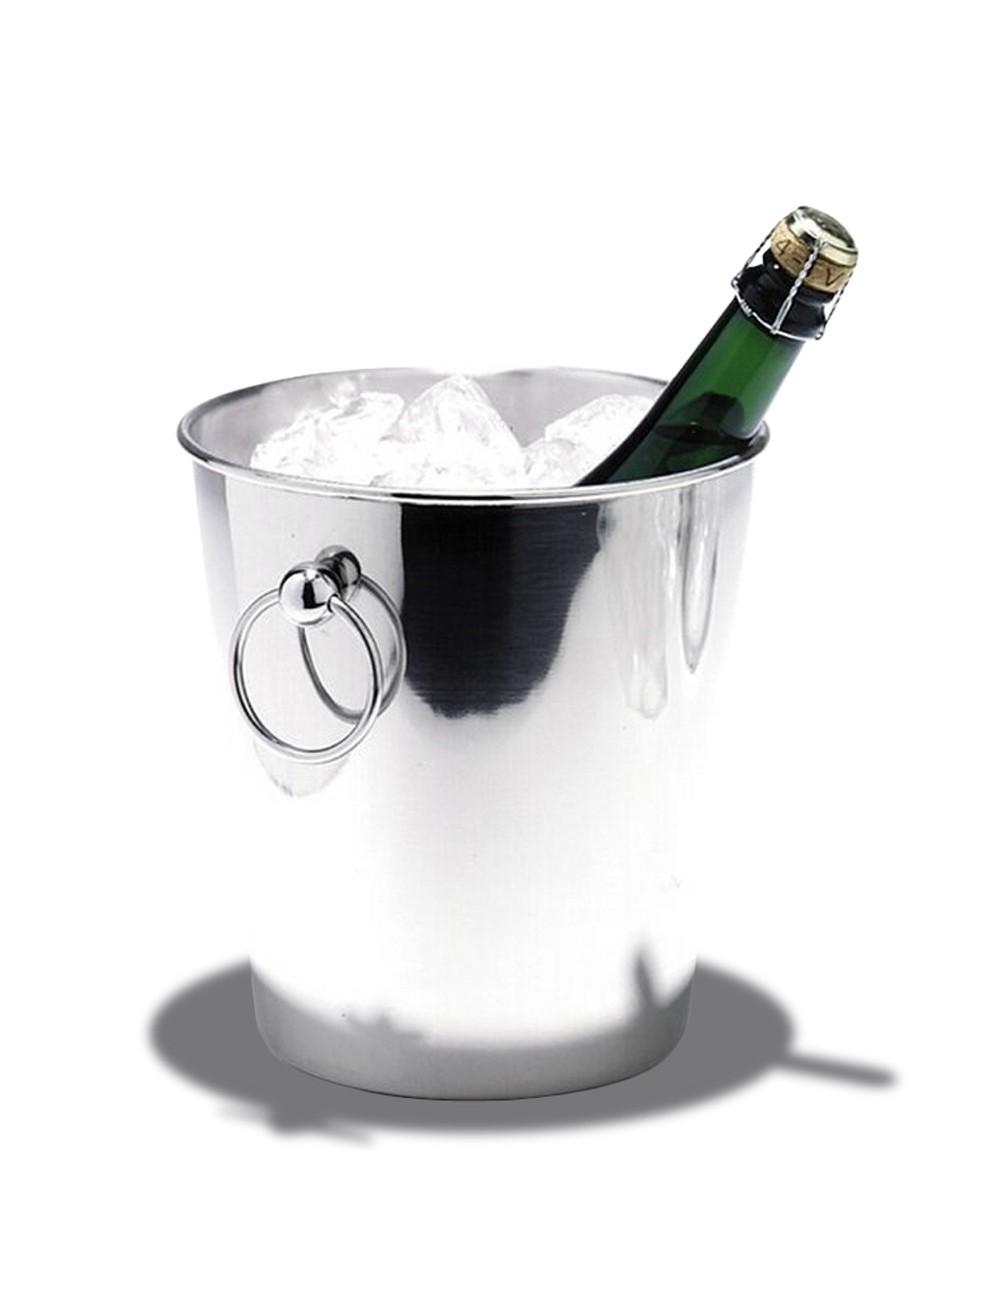 Sekt Champagne Koeler Classic